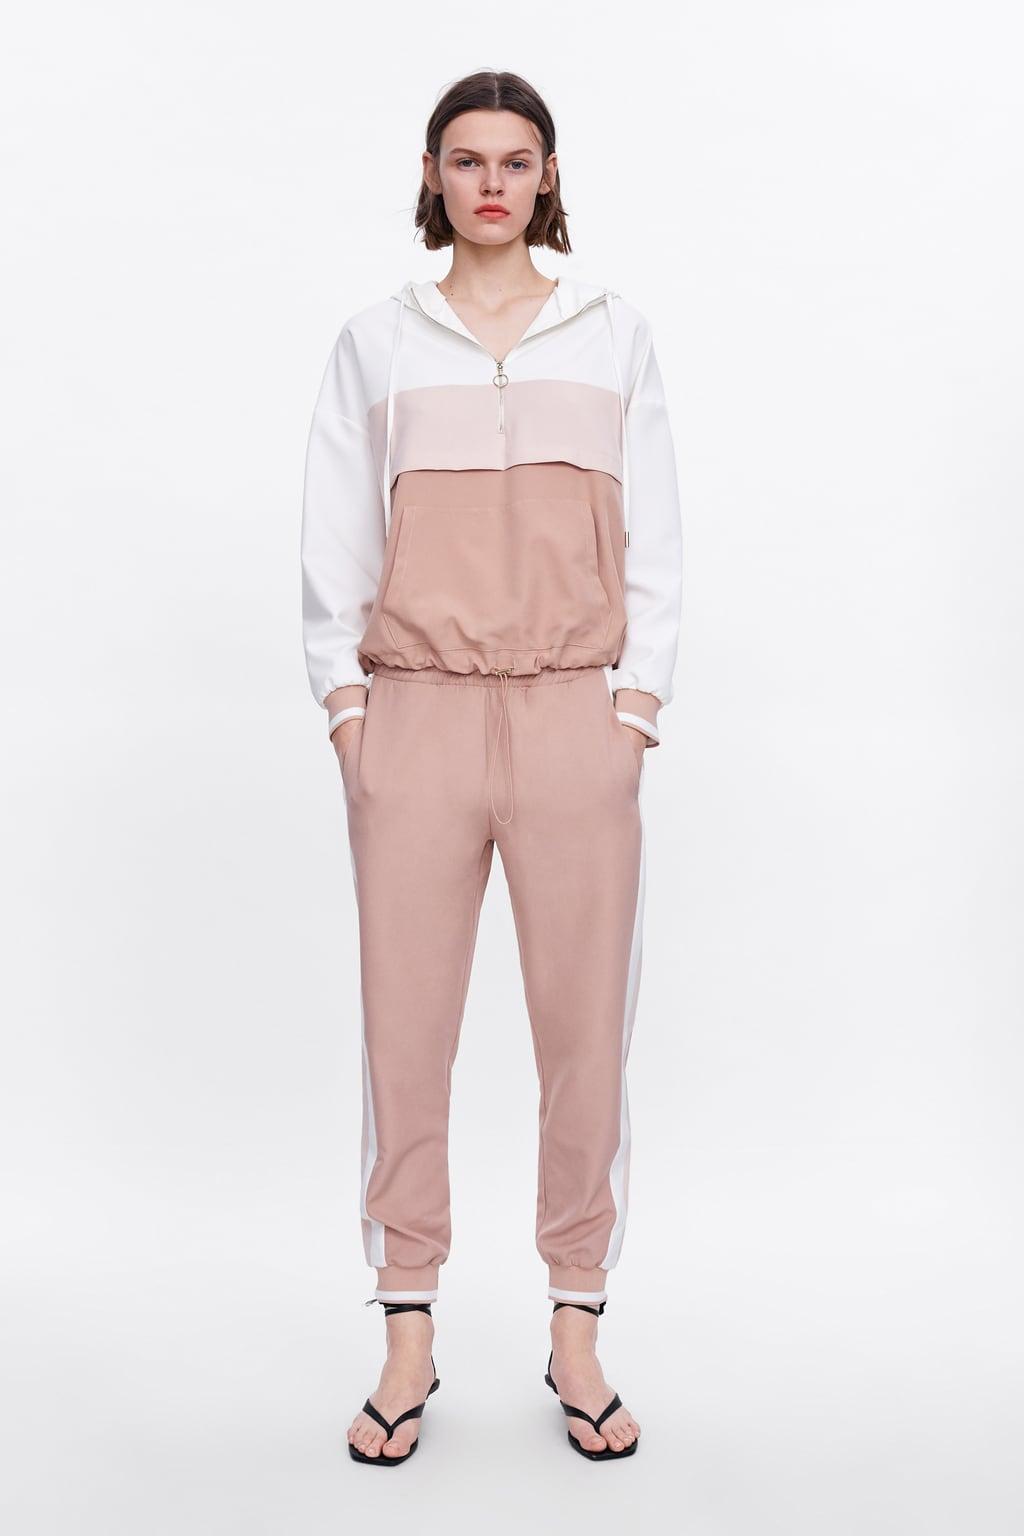 Joggingbroek Skinny Dames.Joggingbroeken Voor Dames Nieuwe Collectie Online Zara Nederland